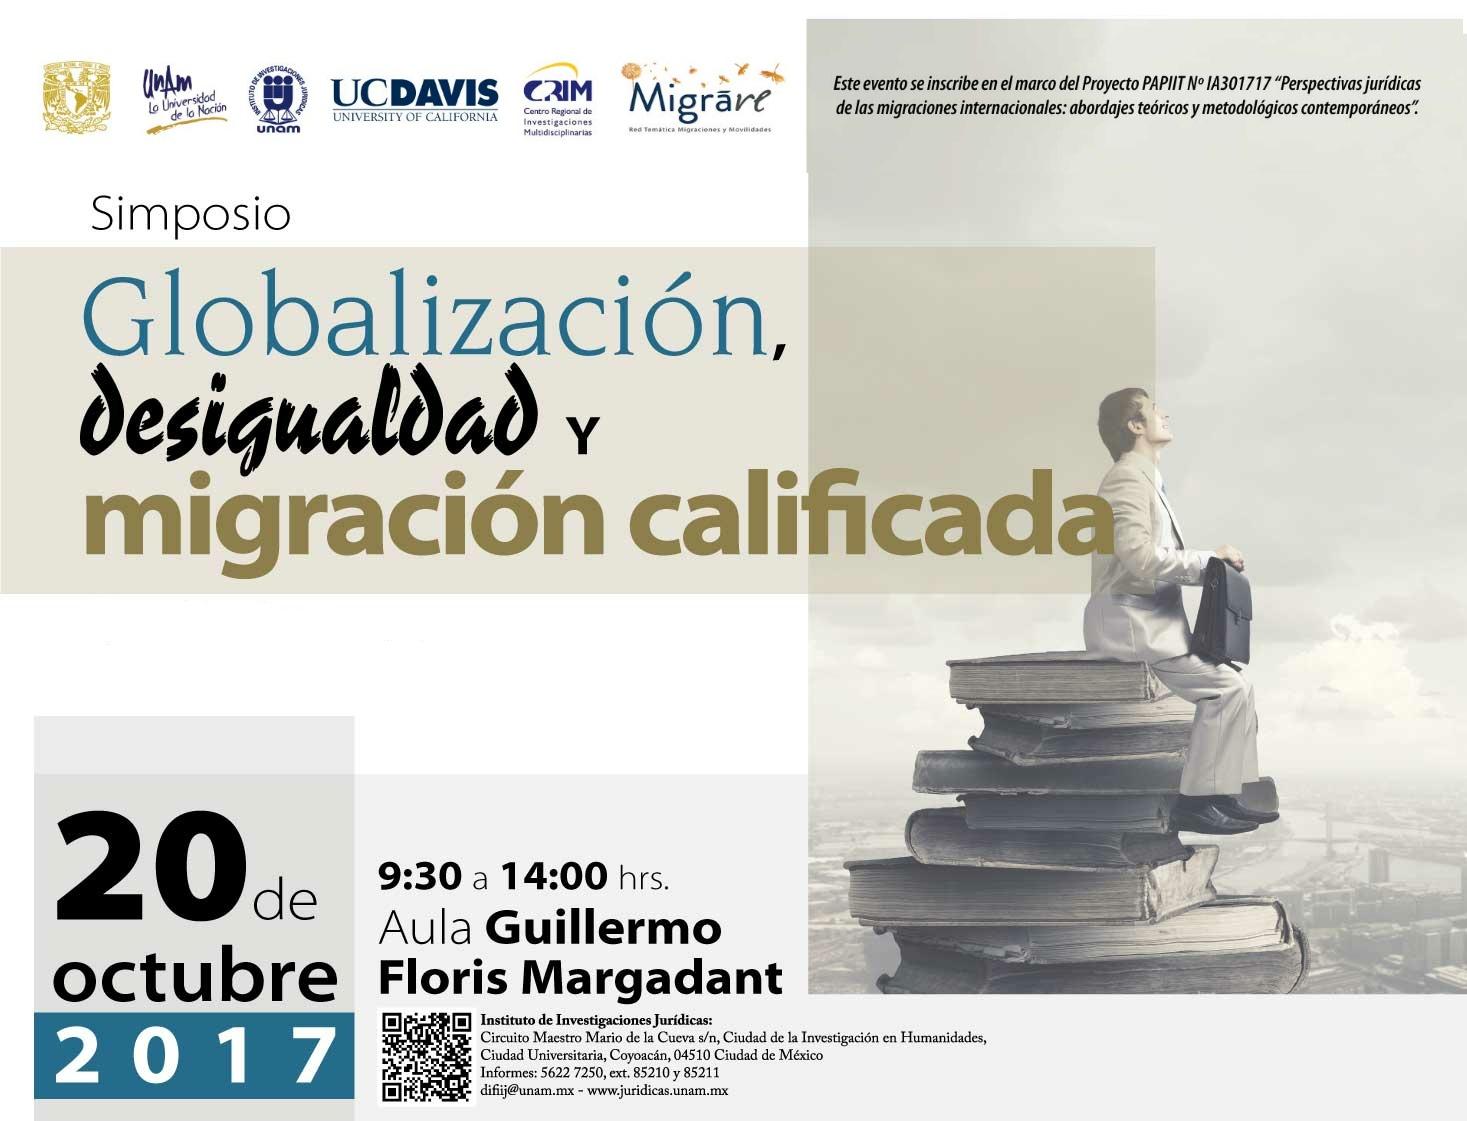 Simposio sobre Globalización, desigualdad y migración calificada